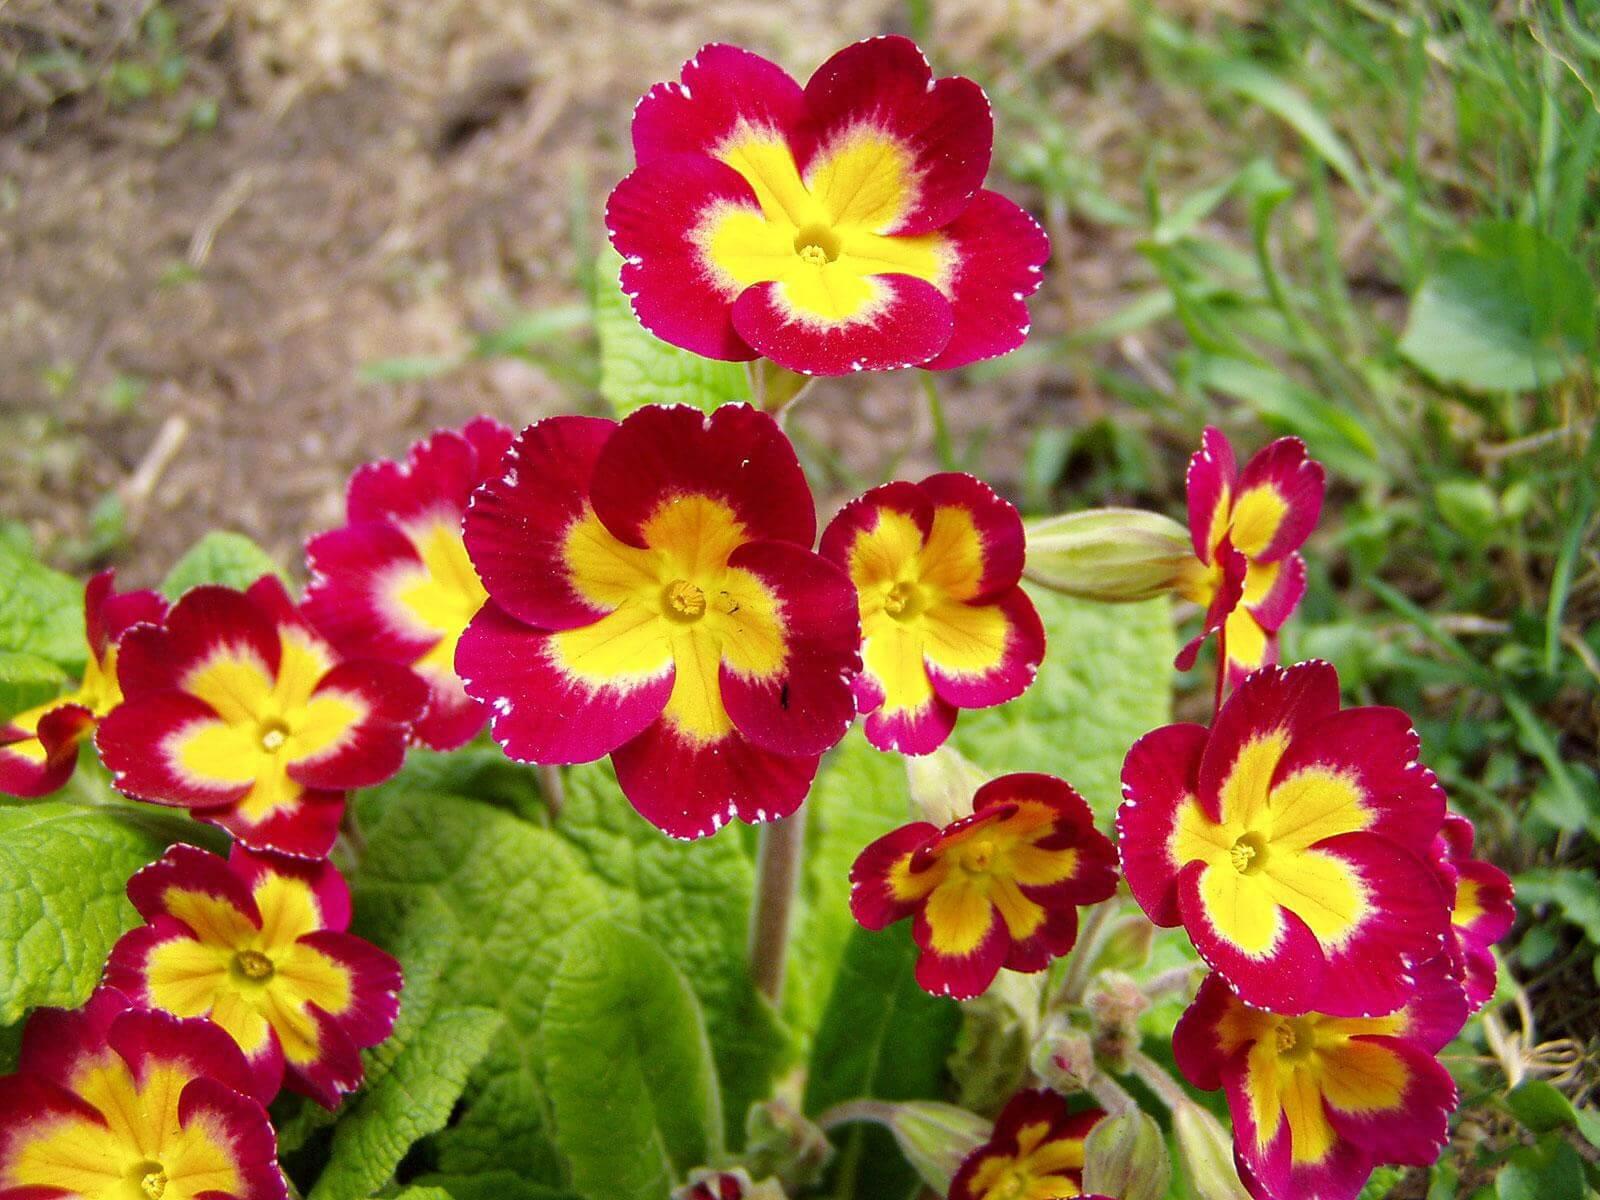 Примула высокая: описание растения и его лекарственные свойства